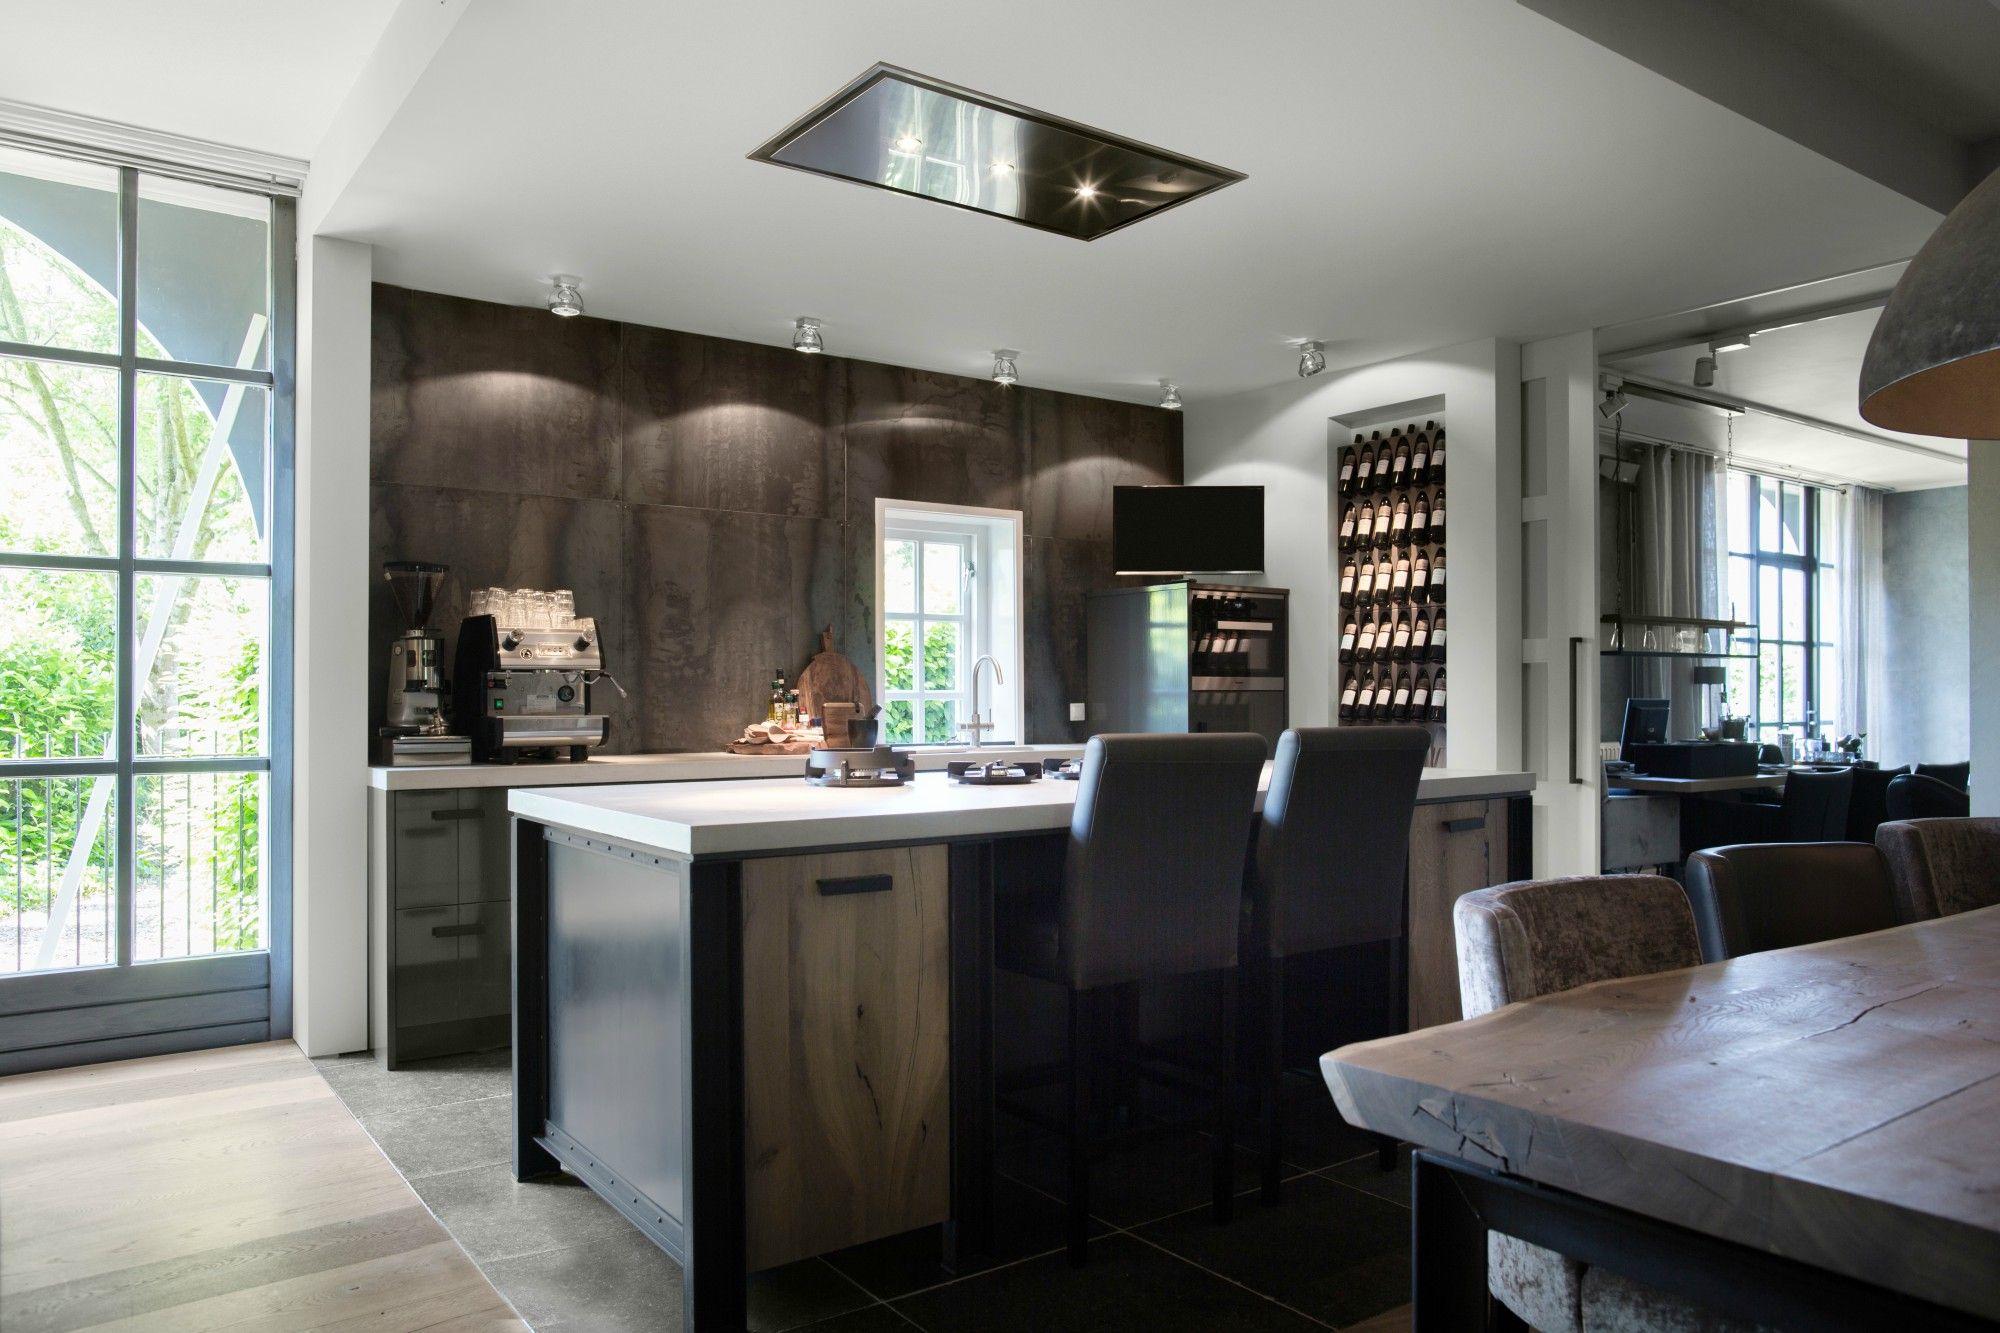 Plafond Afzuigkap Keuken : Afzuigkap keuken wegwerken kseg xe